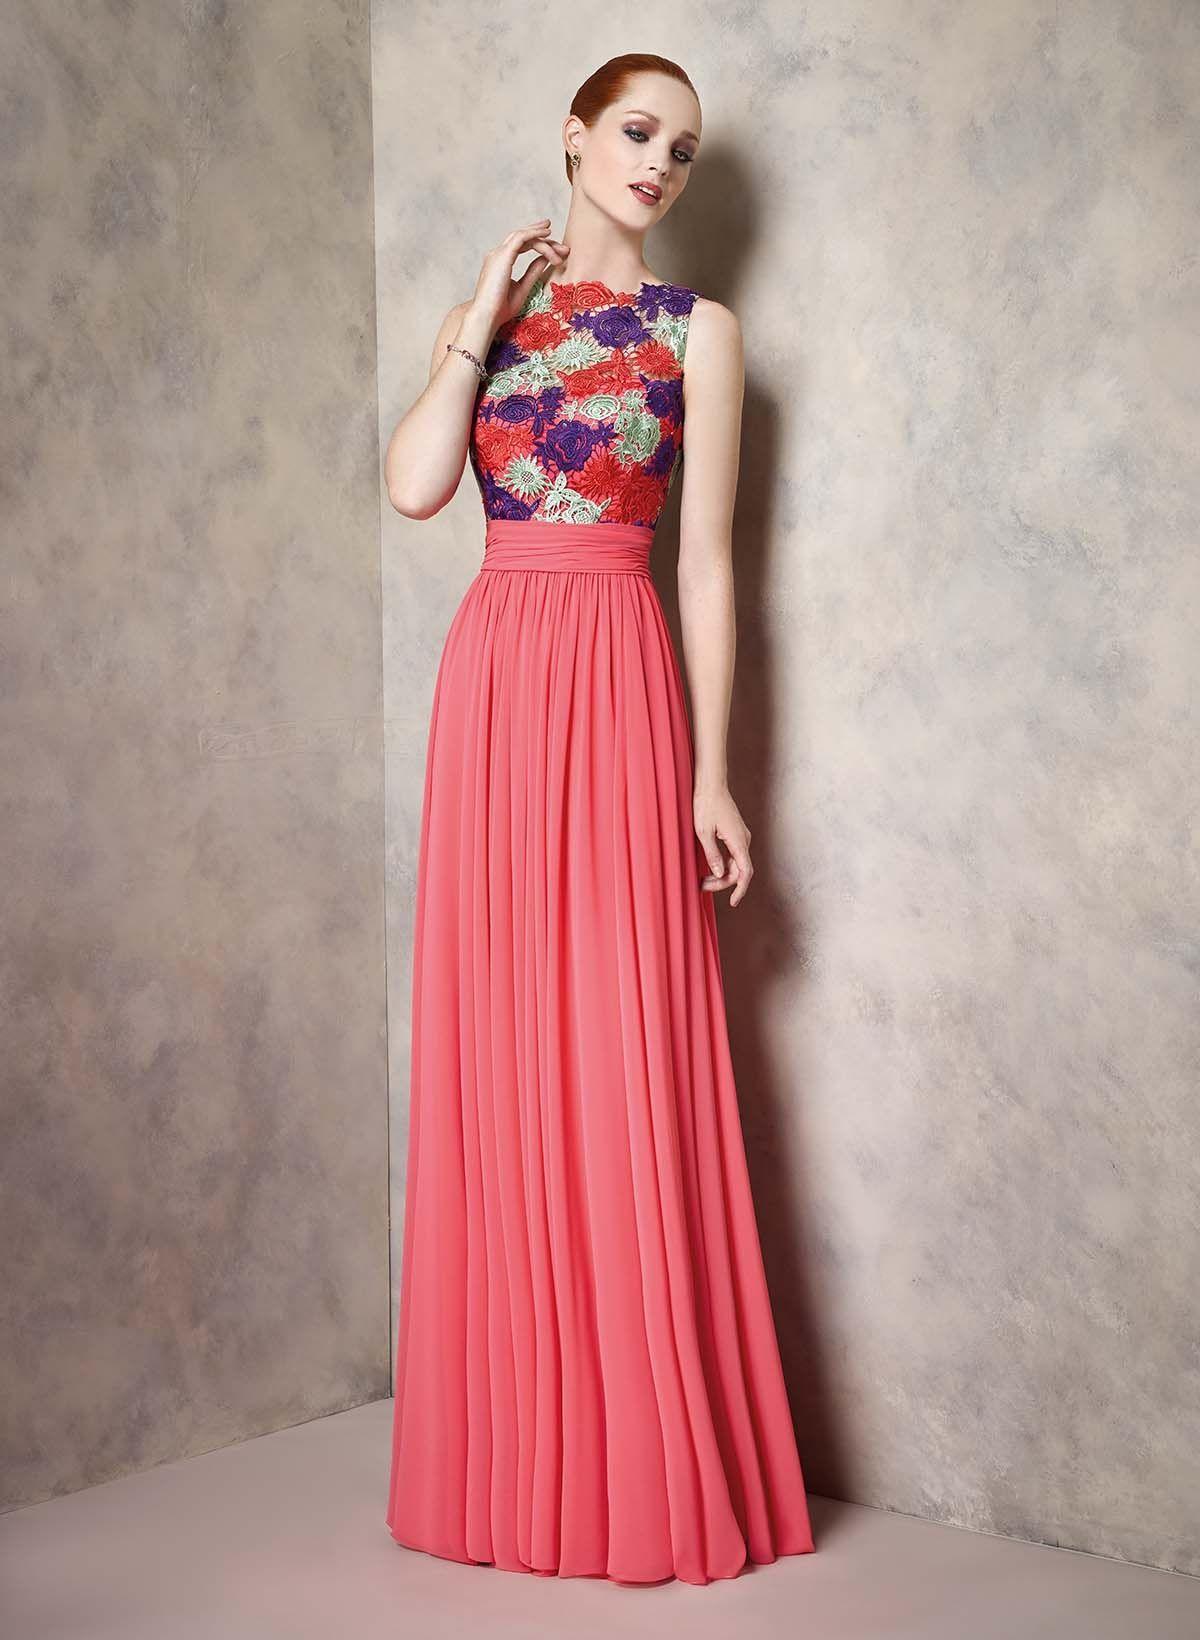 Vistoso Encontrar Perfecto Vestido De Fiesta Imagen - Colección de ...